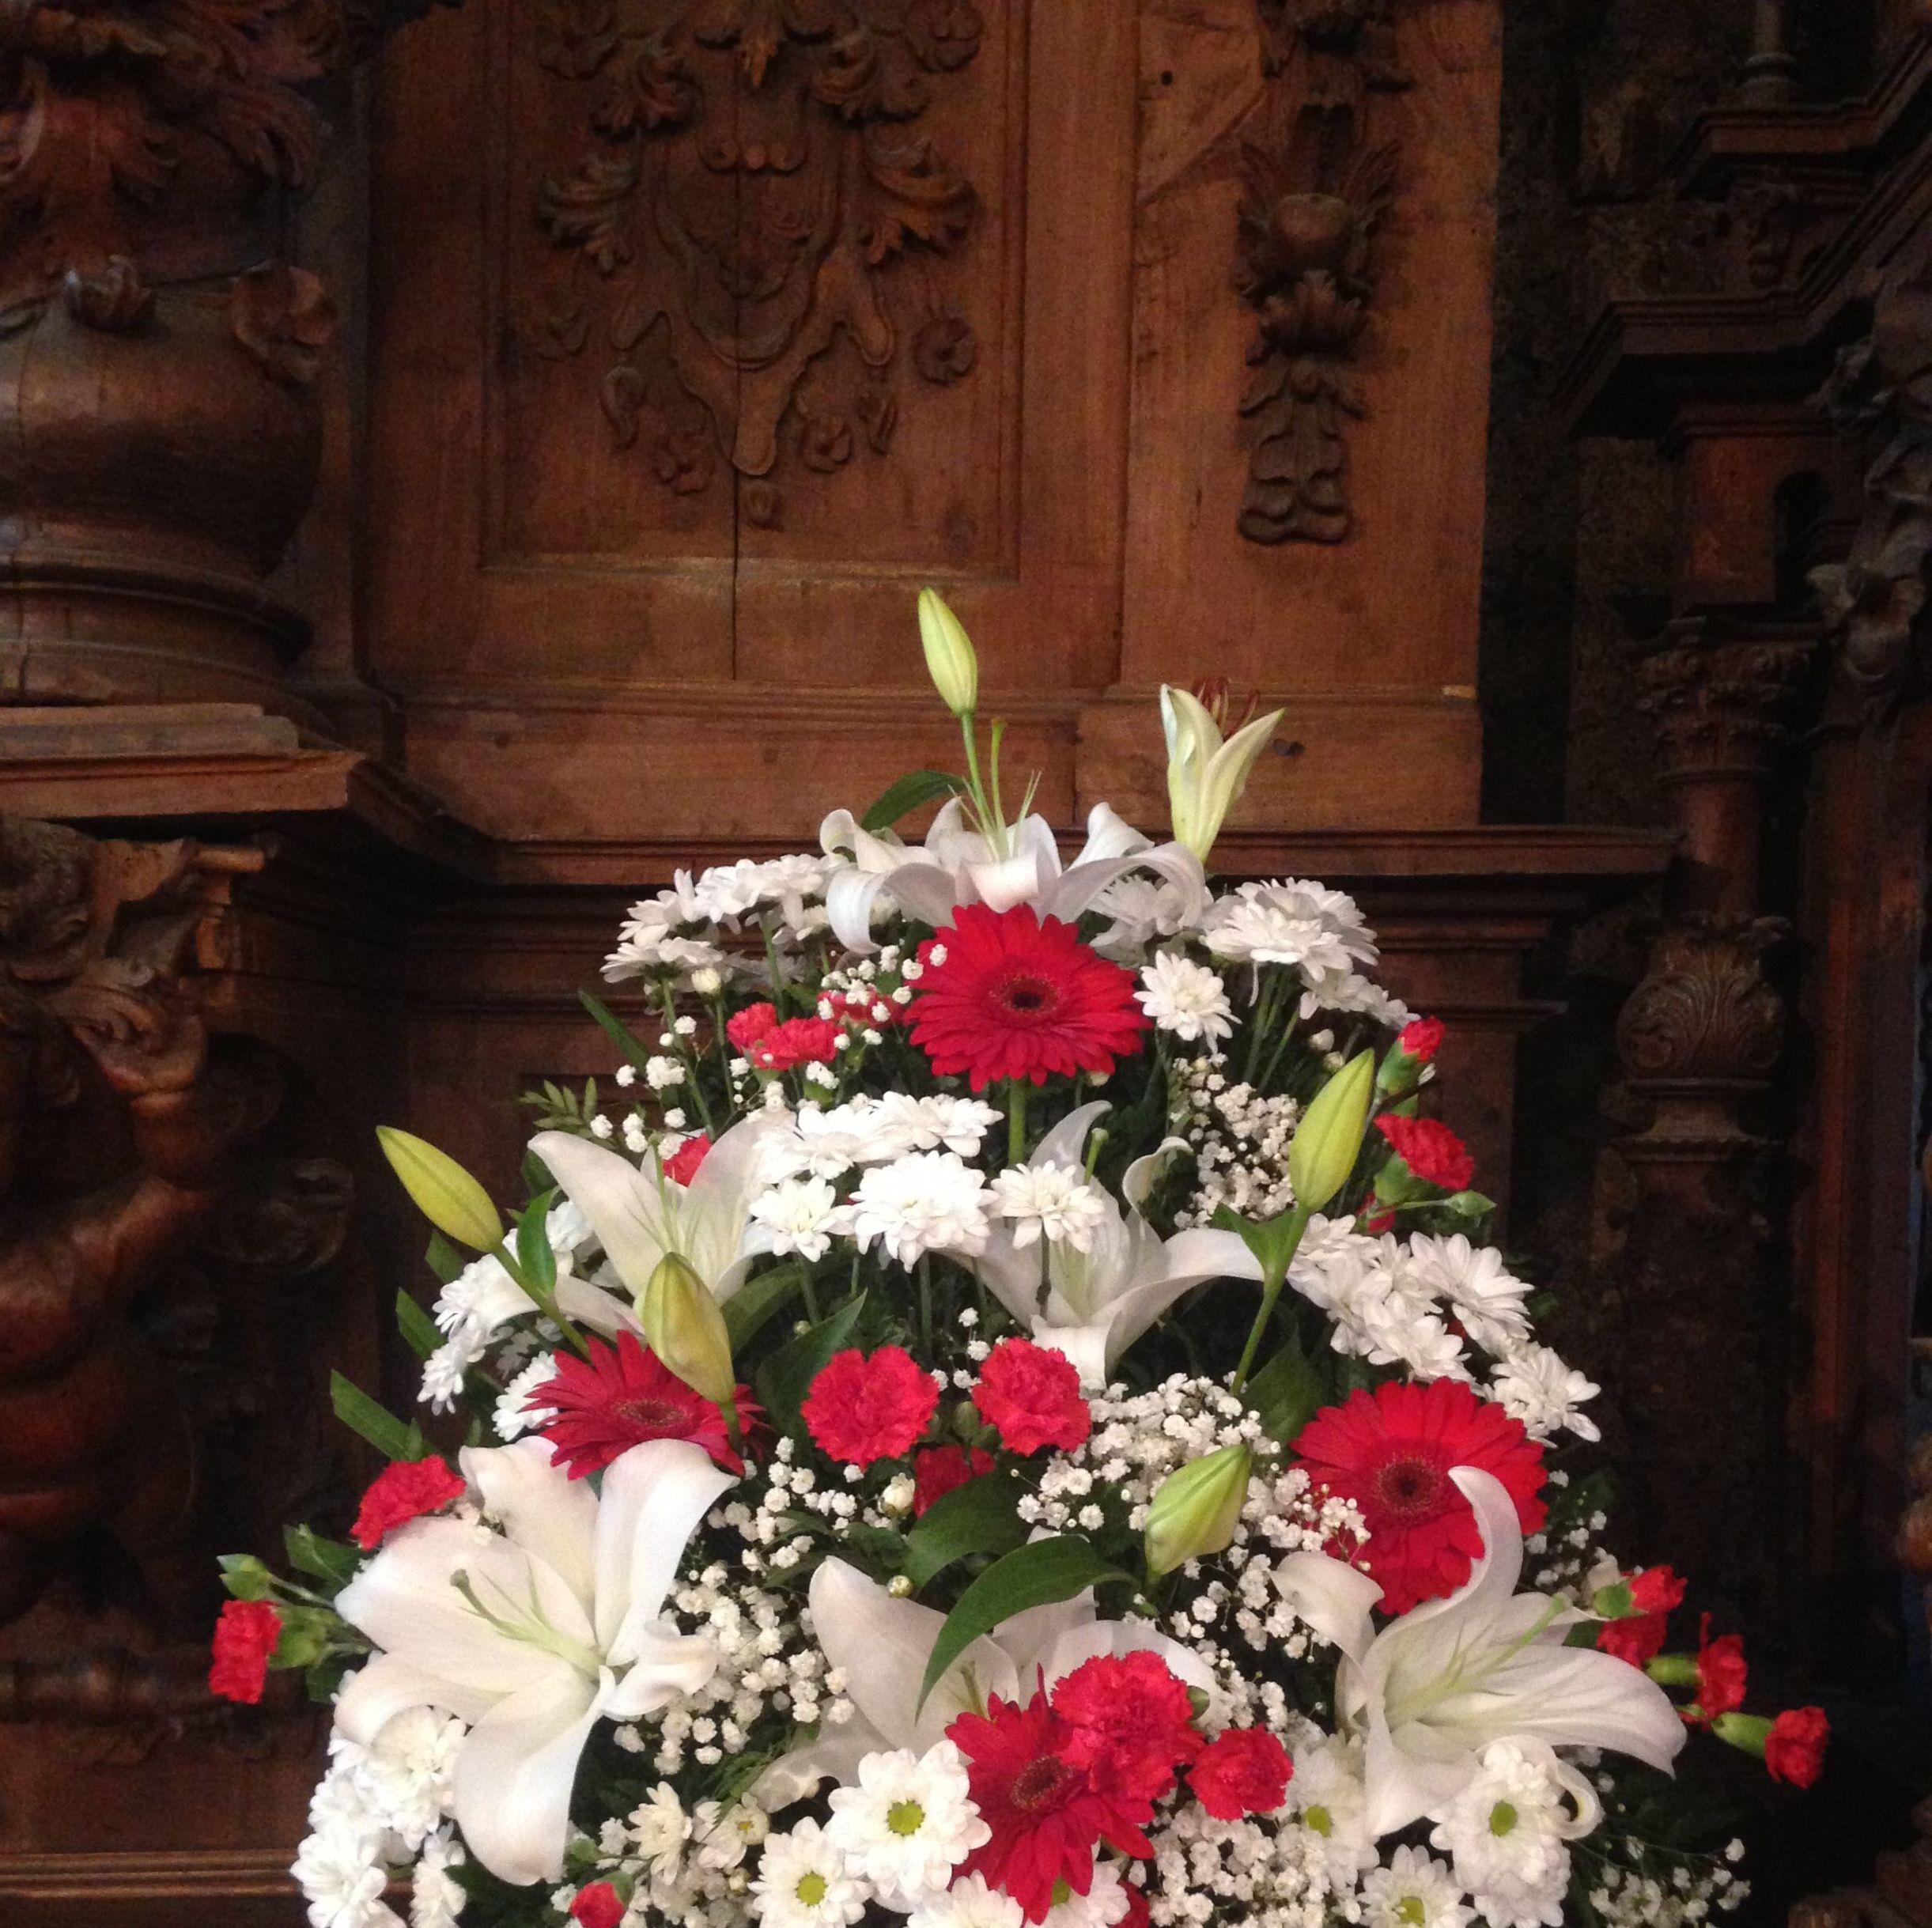 Envío de ramos, coronas, venta de plantas, centros y flores artificiales.